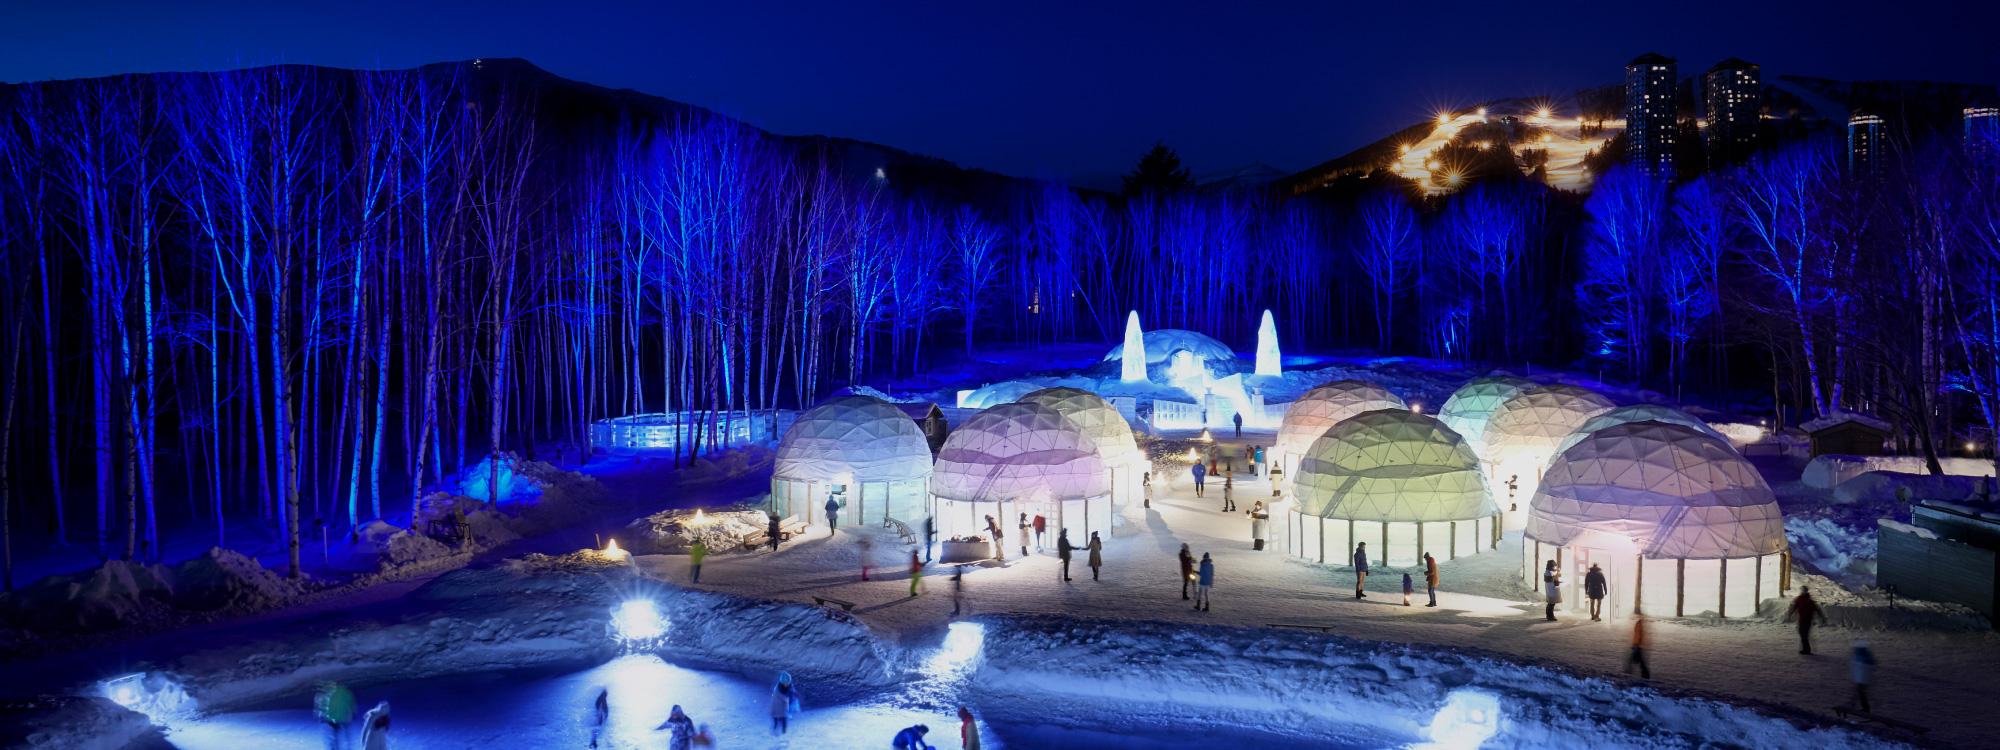 「愛絲冰城」的圖片搜尋結果